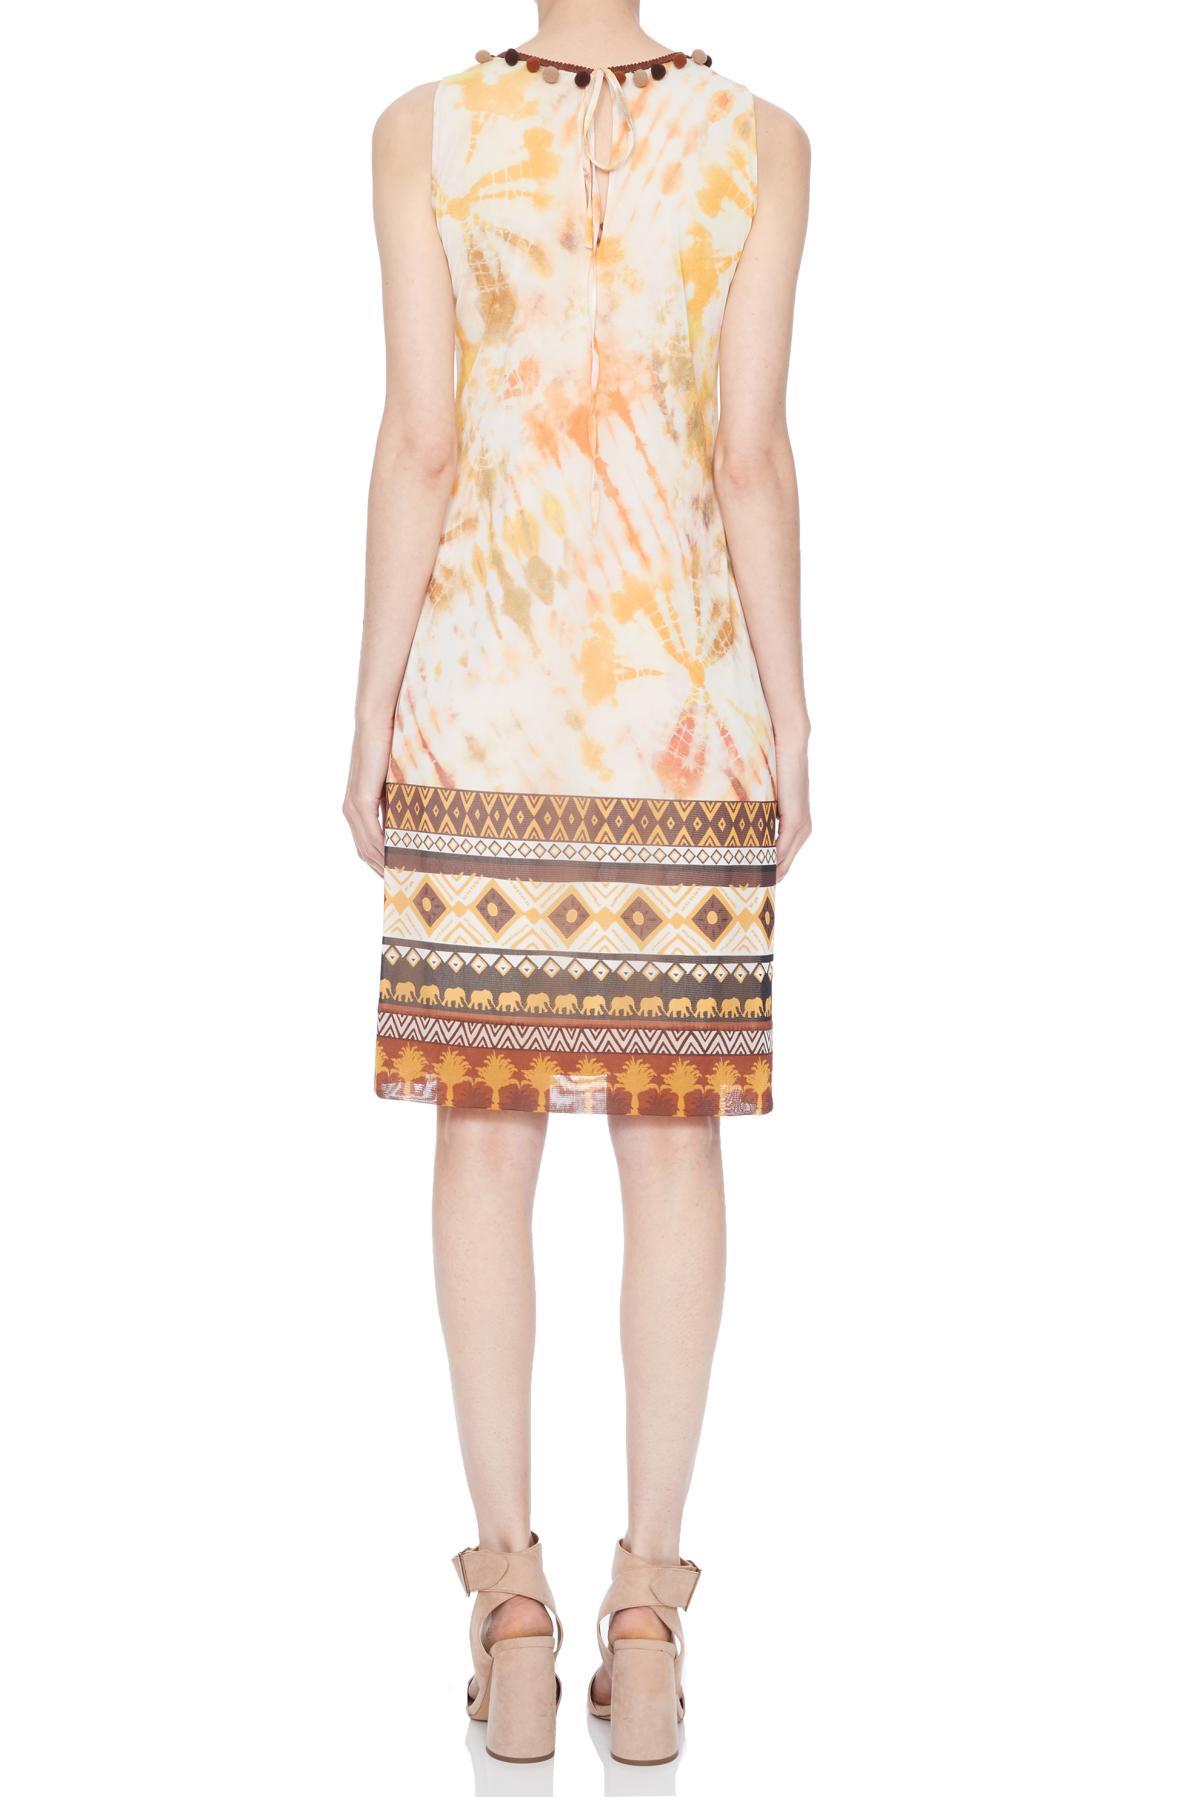 Rückansicht von Ana Alcazar A-Linien Kleid Nanuk  angezogen an Model